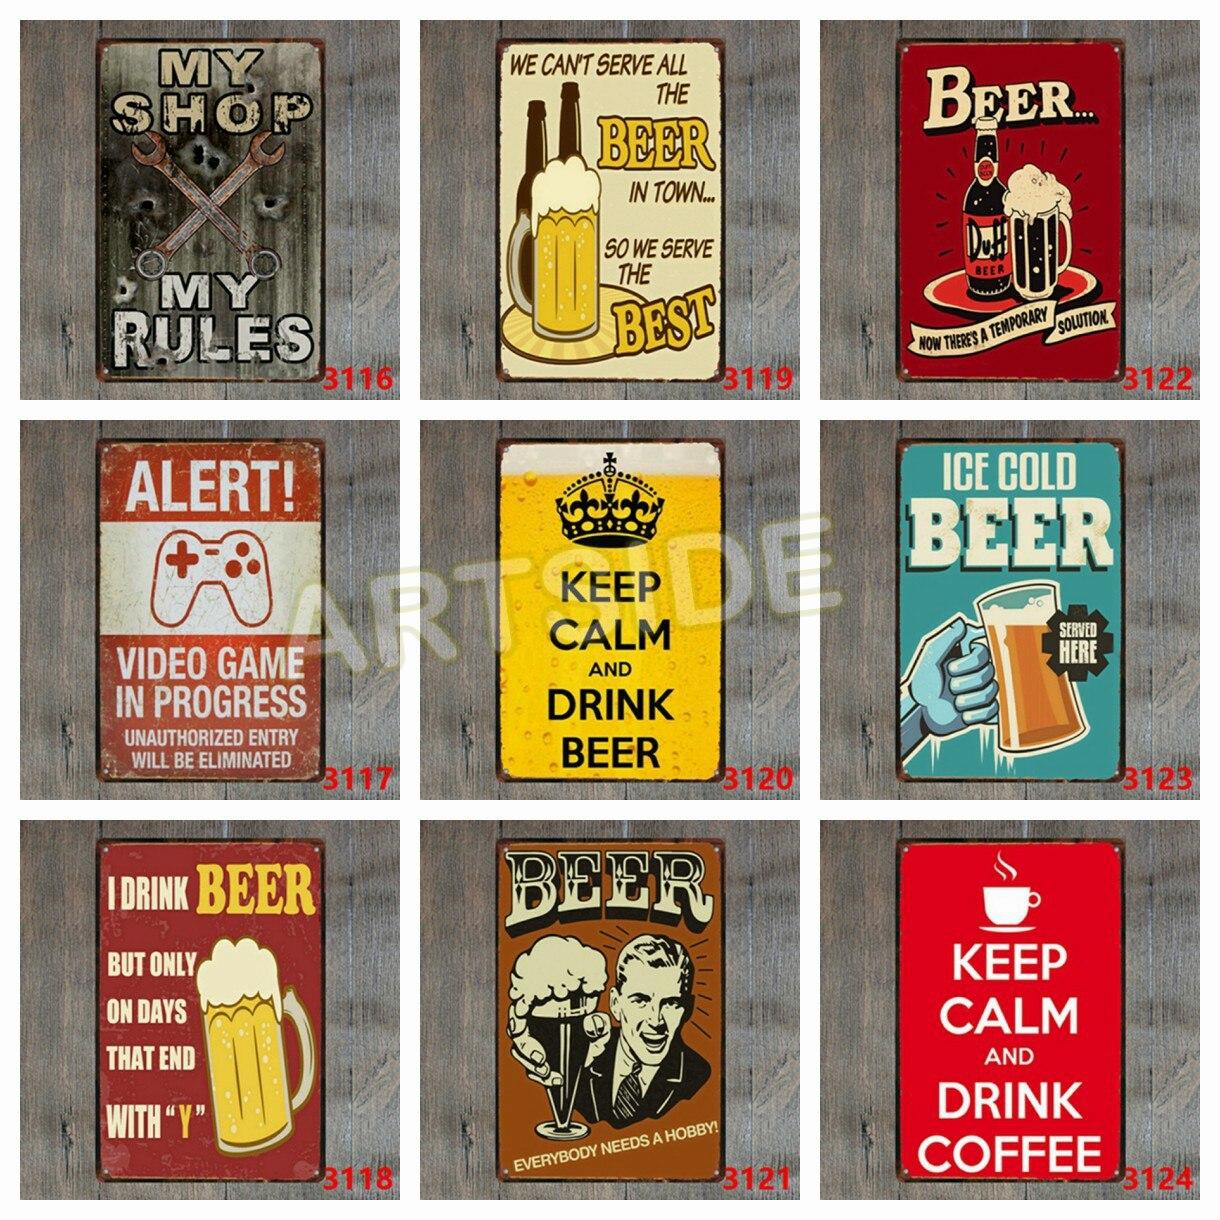 Ледяное Пиво служил здесь Винтаж металлическая банка знак плакат ретро Стиль доска